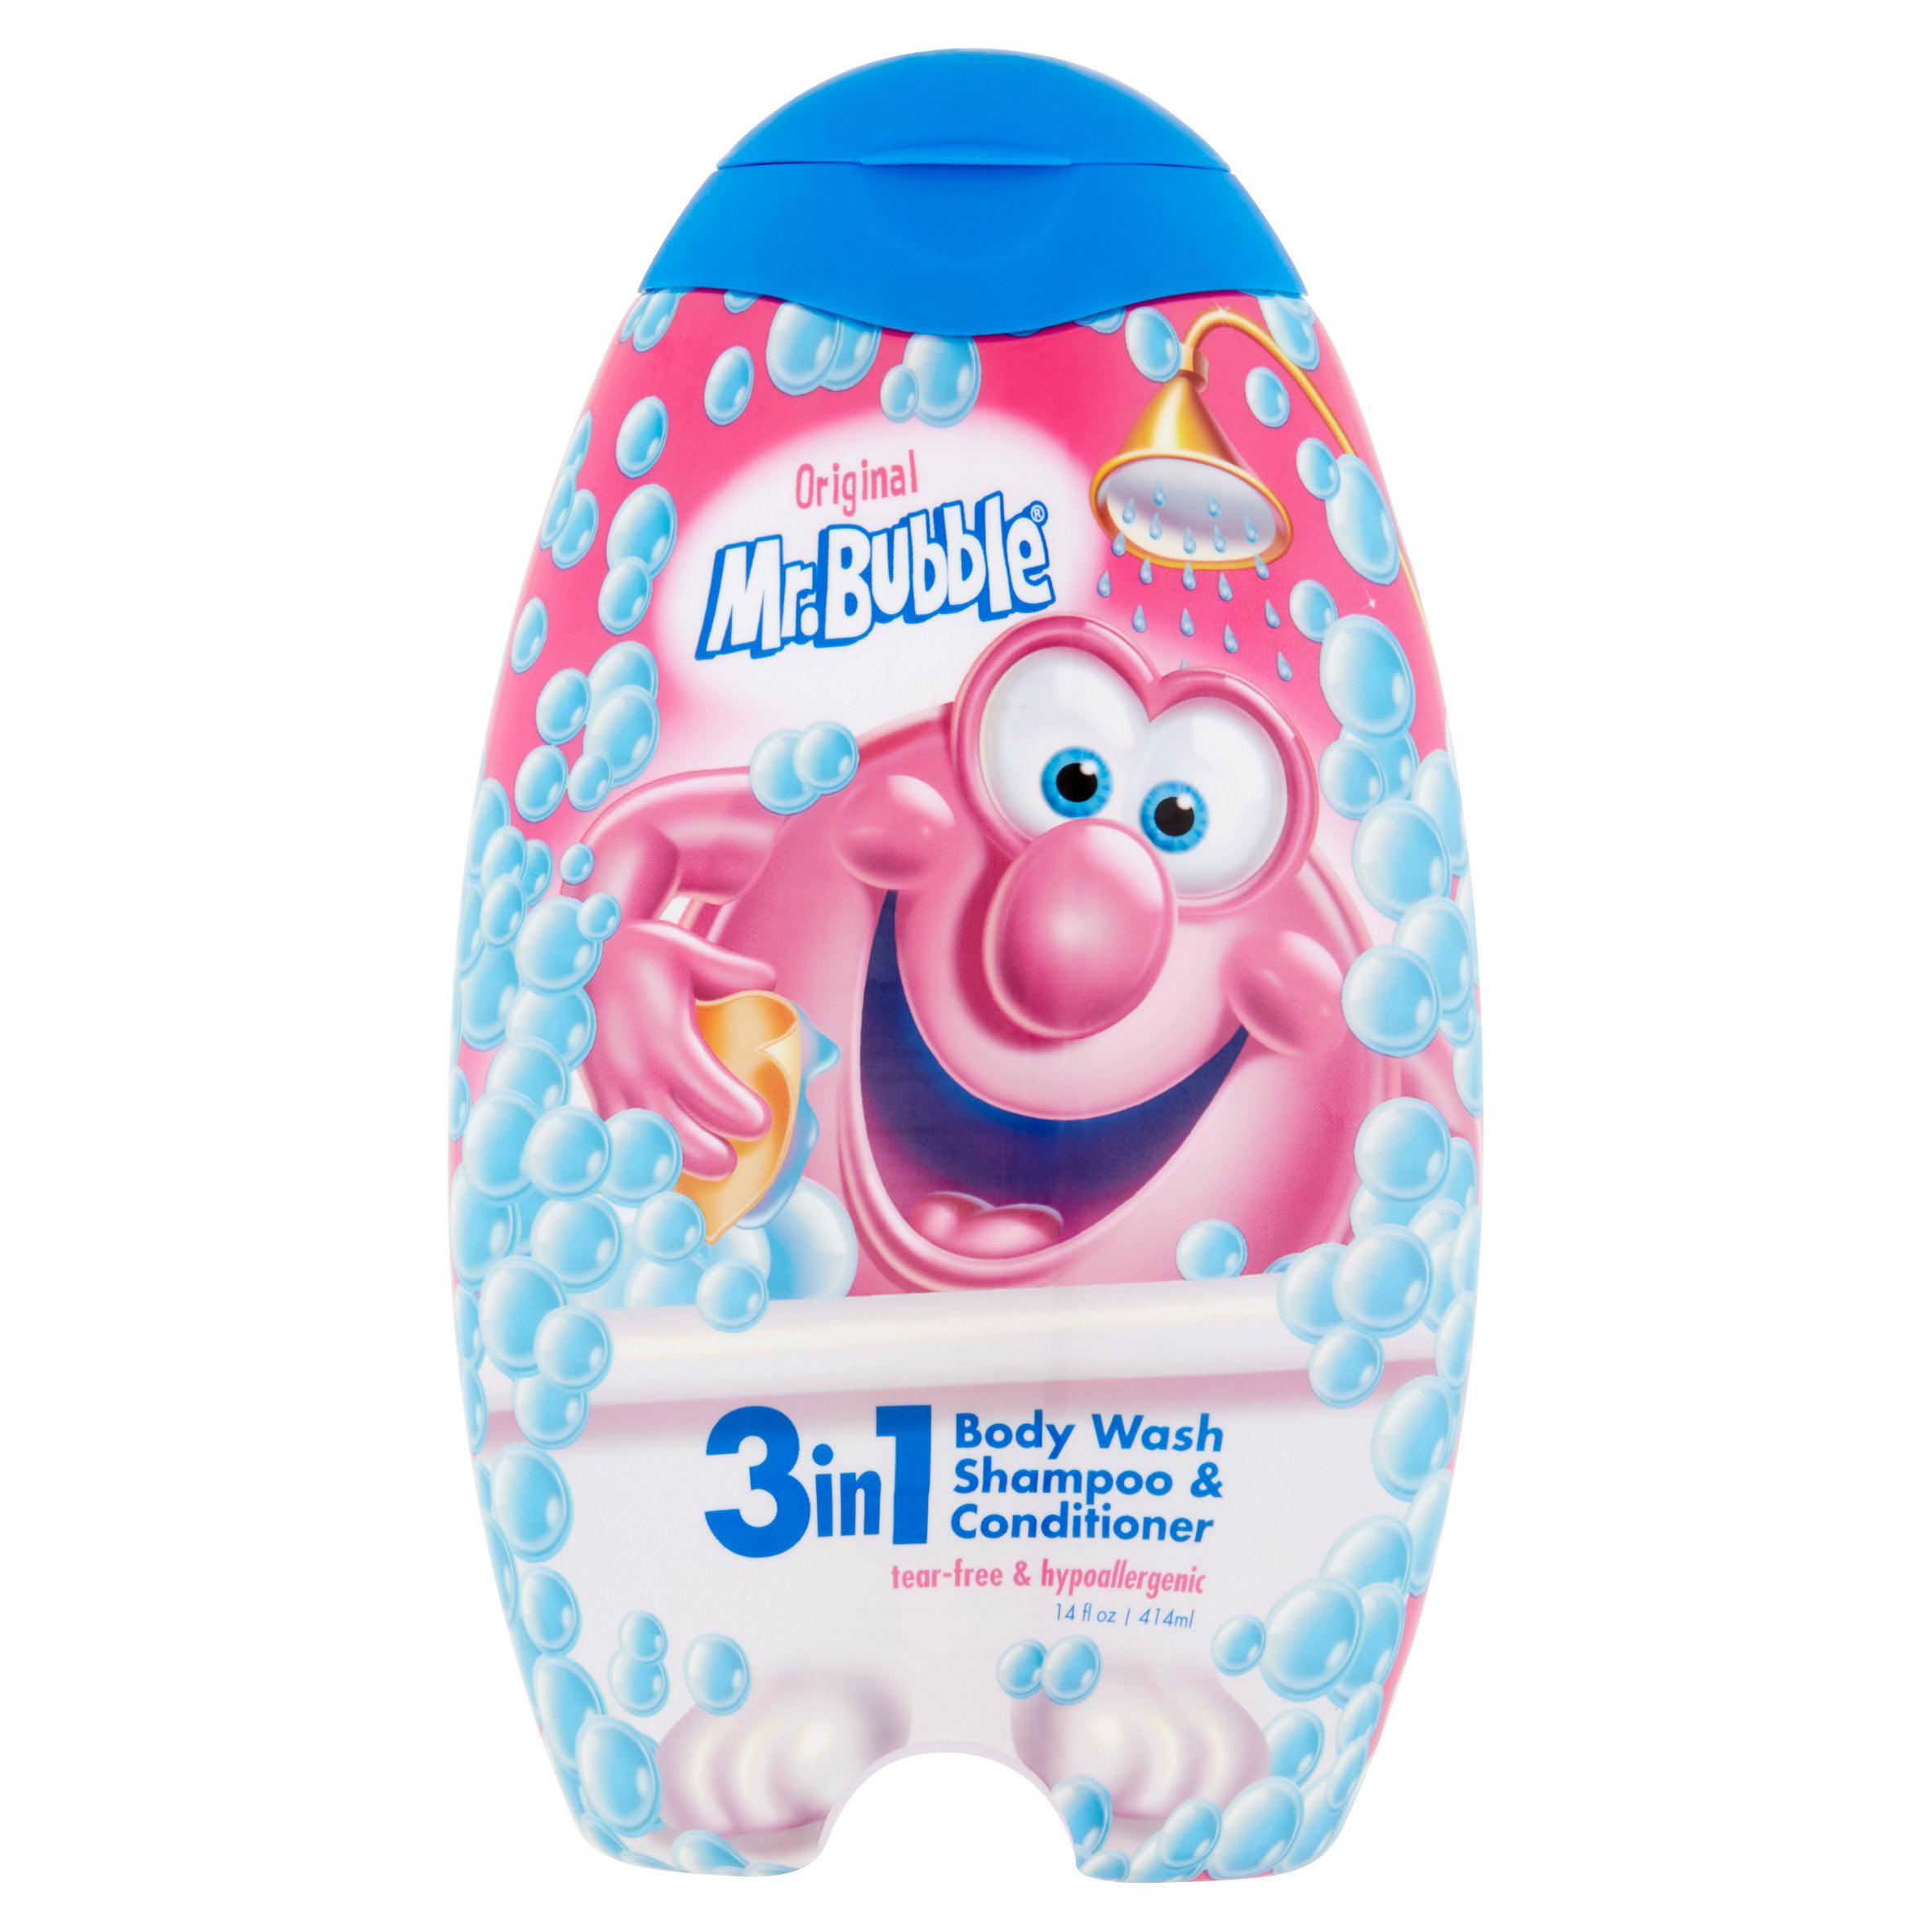 Mr. Bubble Original 3-in-1 Body Wash Shampoo & Conditioner, 14 Oz